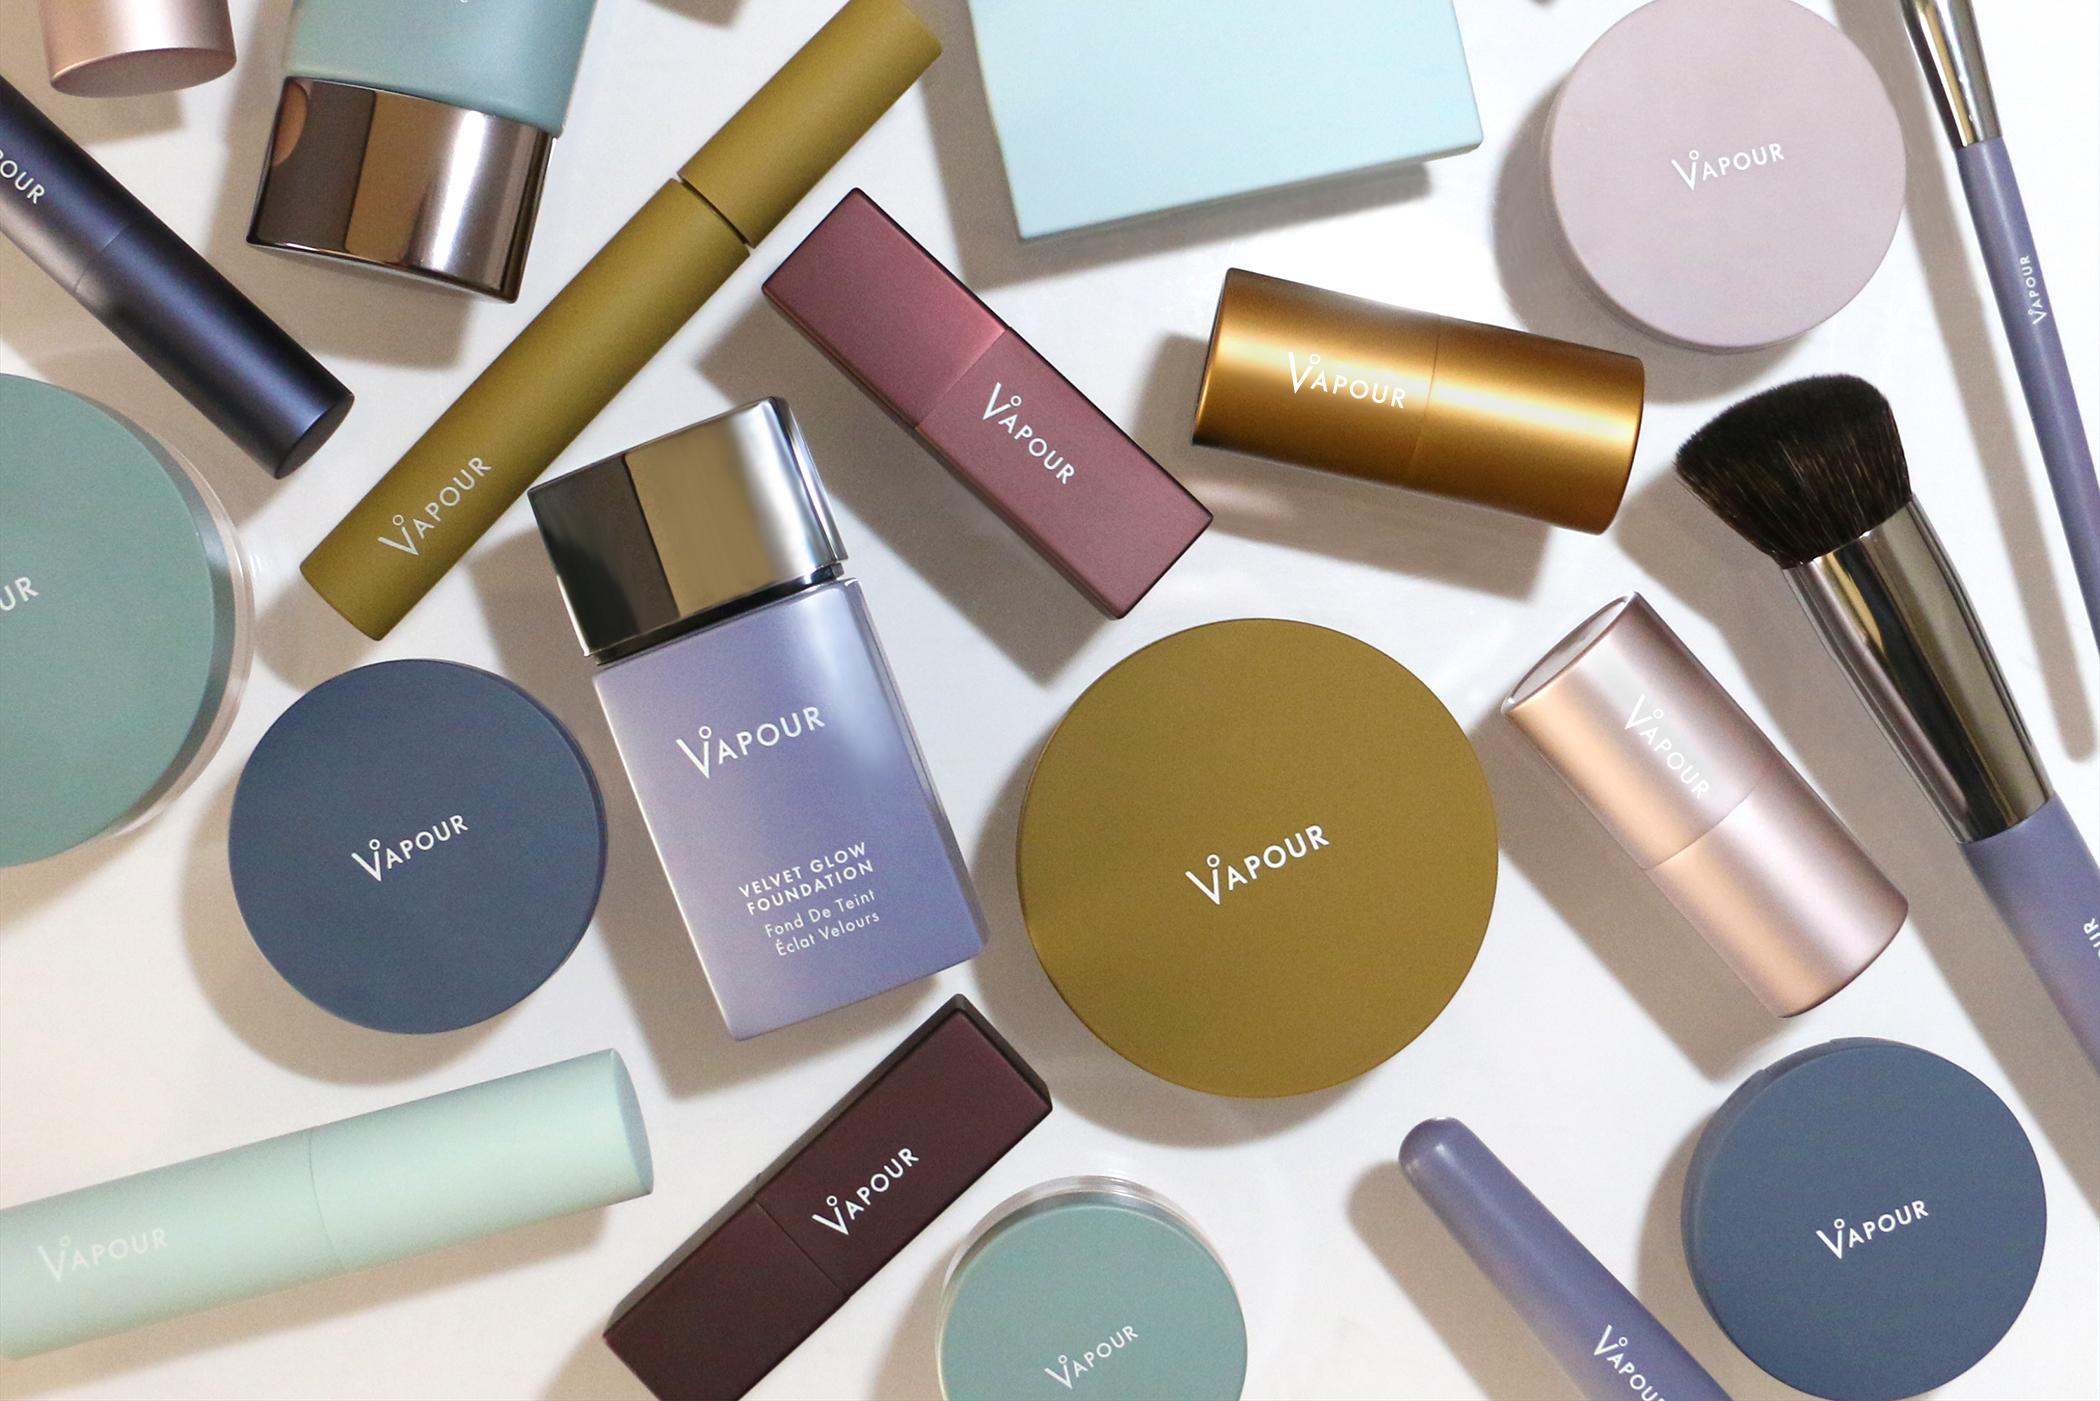 Dampf-Schönheits-Re-Marken Von Make-up für Hippie zu Clean und Chic